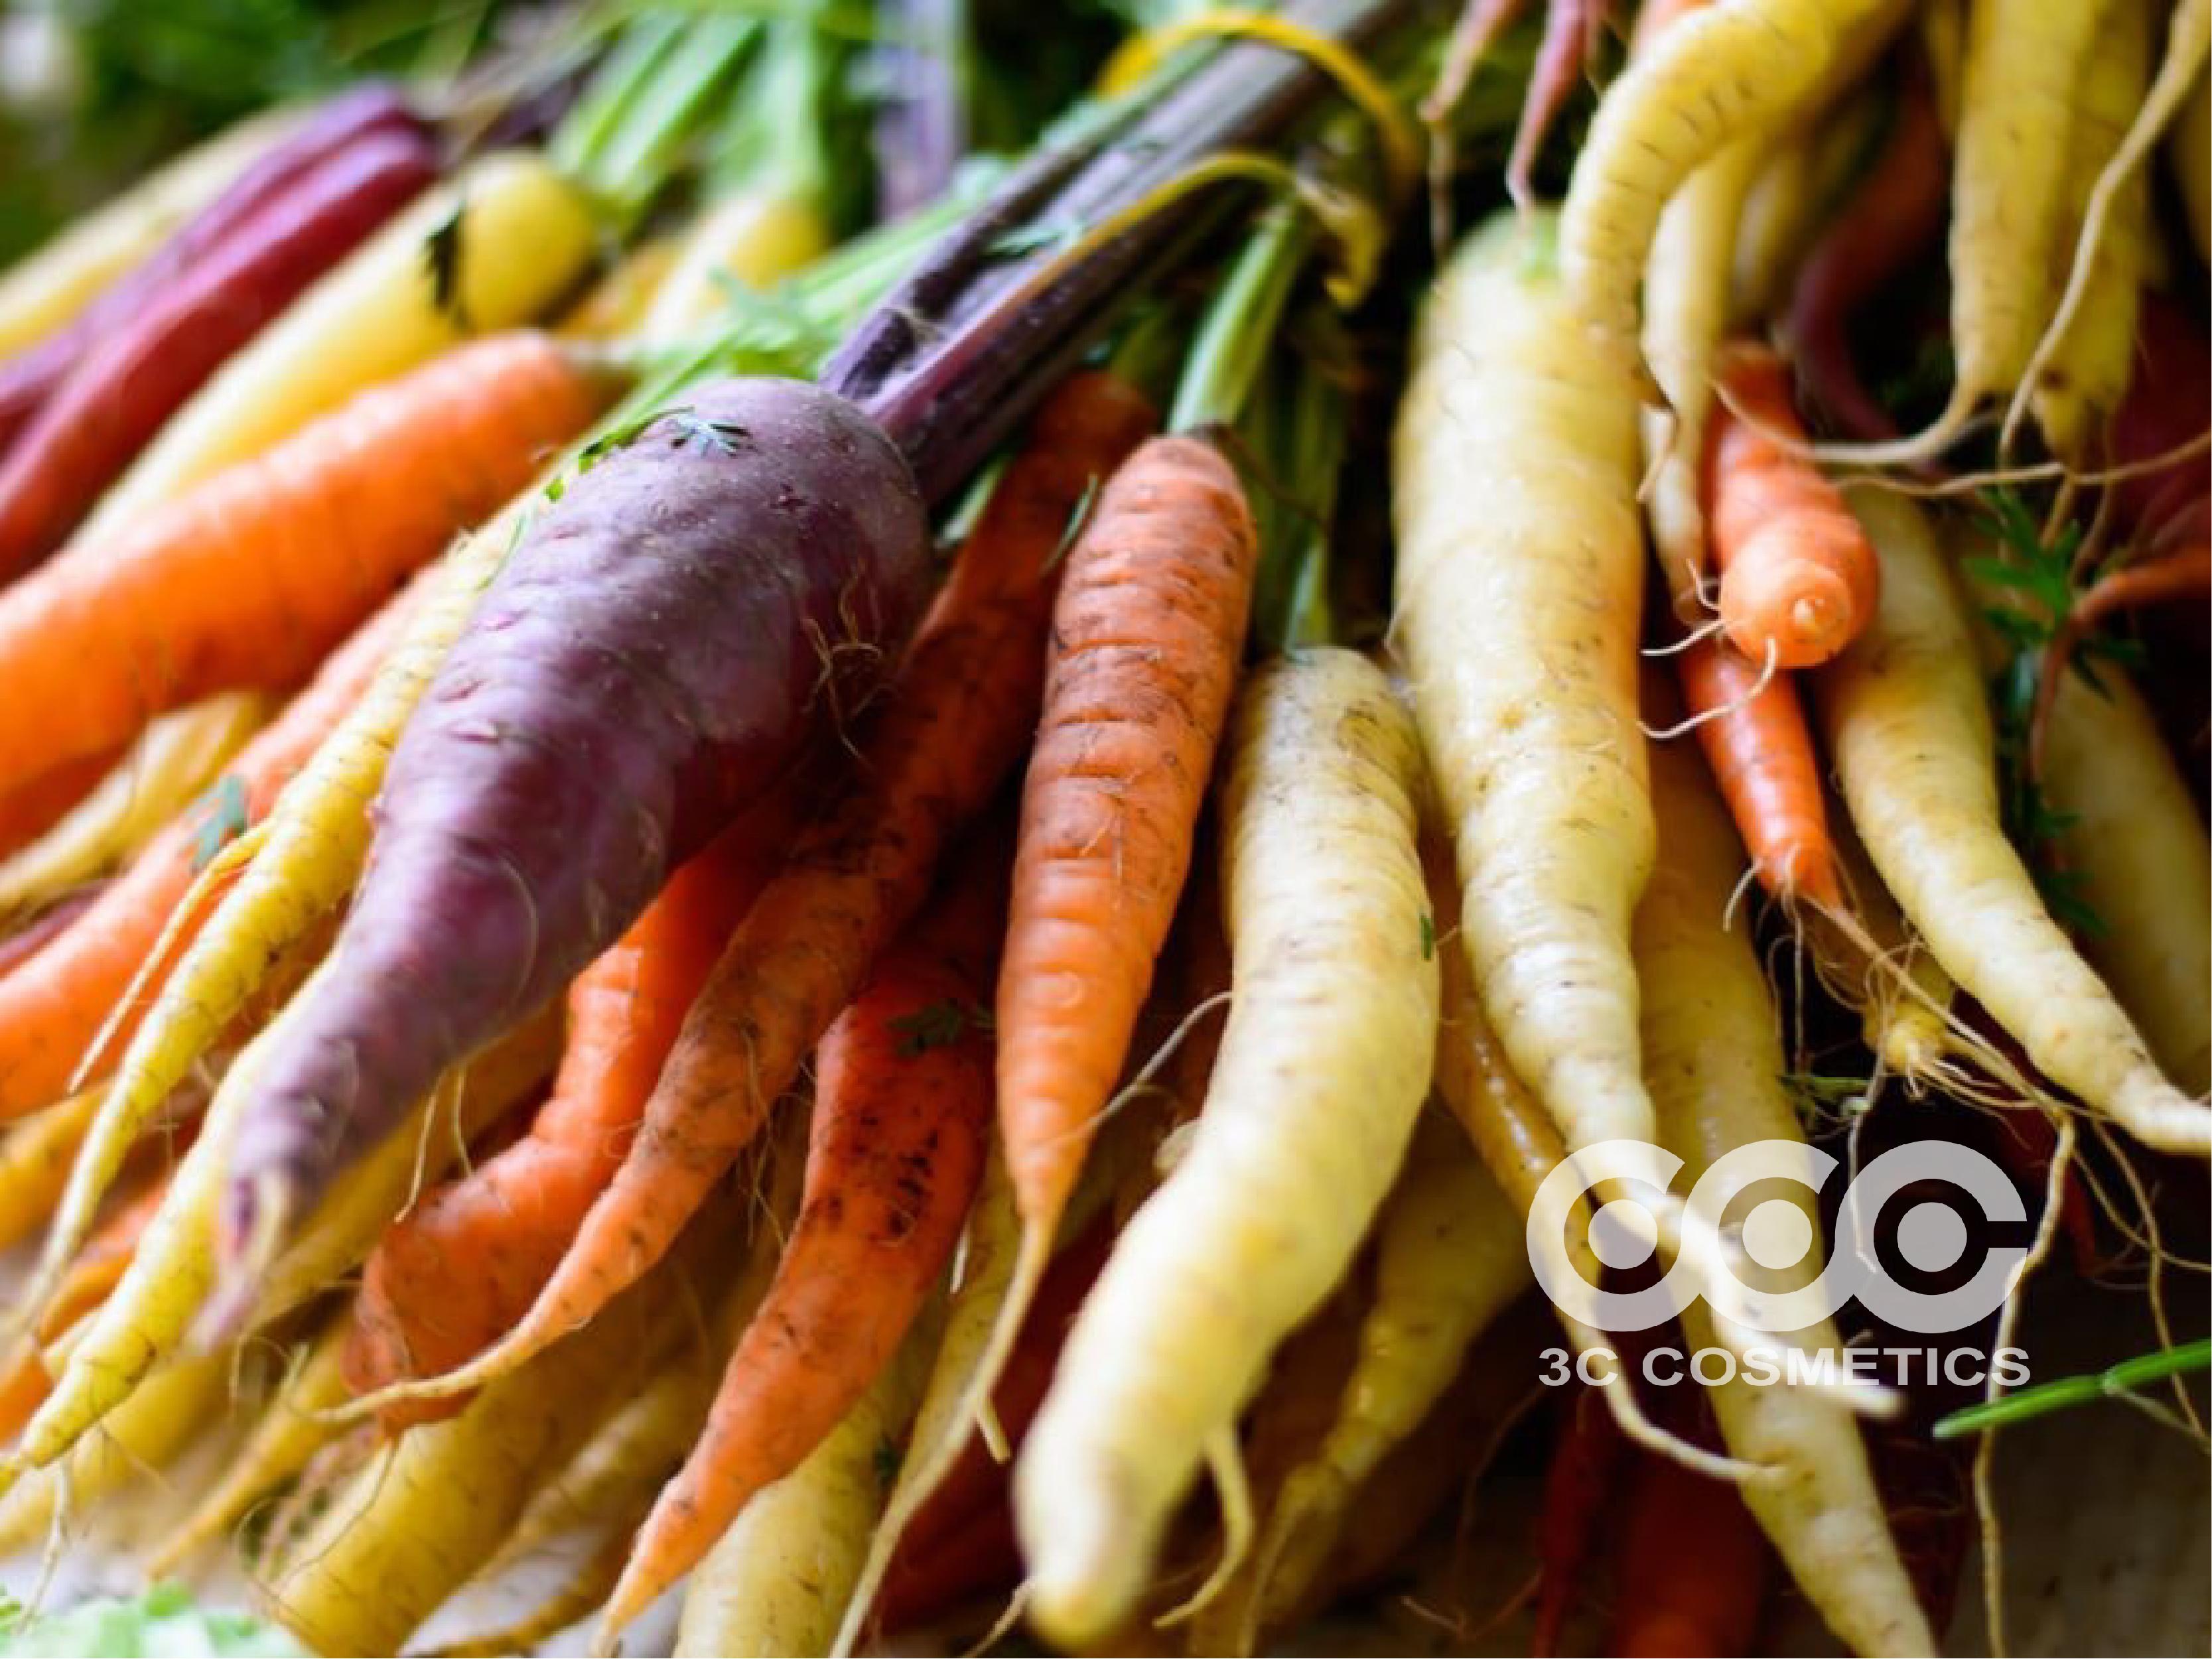 Cà rốt là loại thực phẩm dinh dưỡng và làm đẹp da thần kì